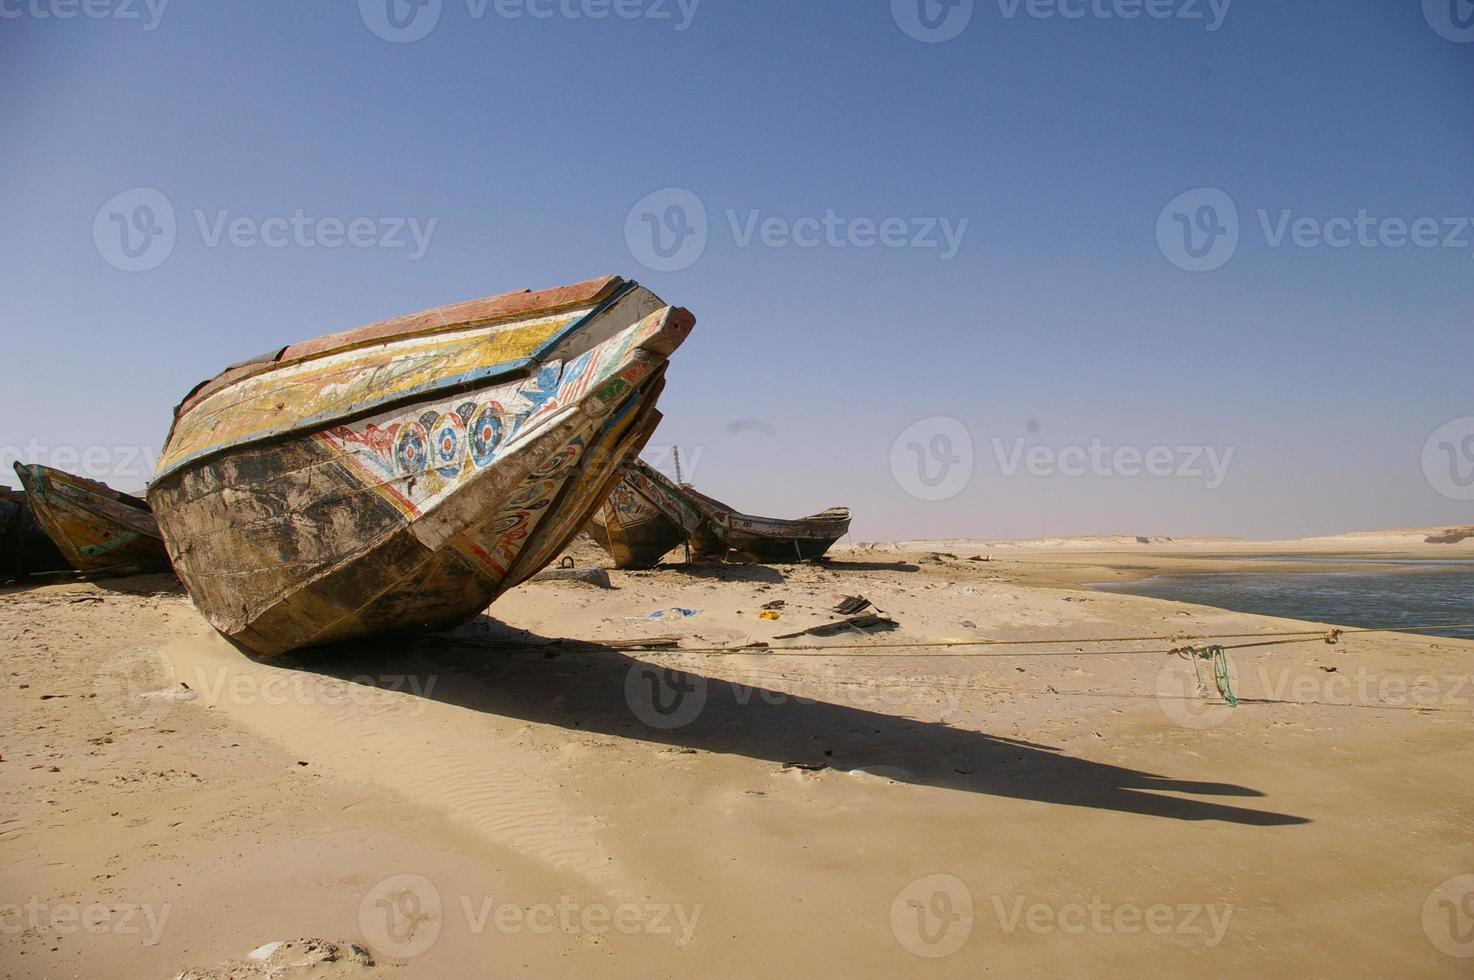 mauritanisches Fischerboot auf einer Wüste foto